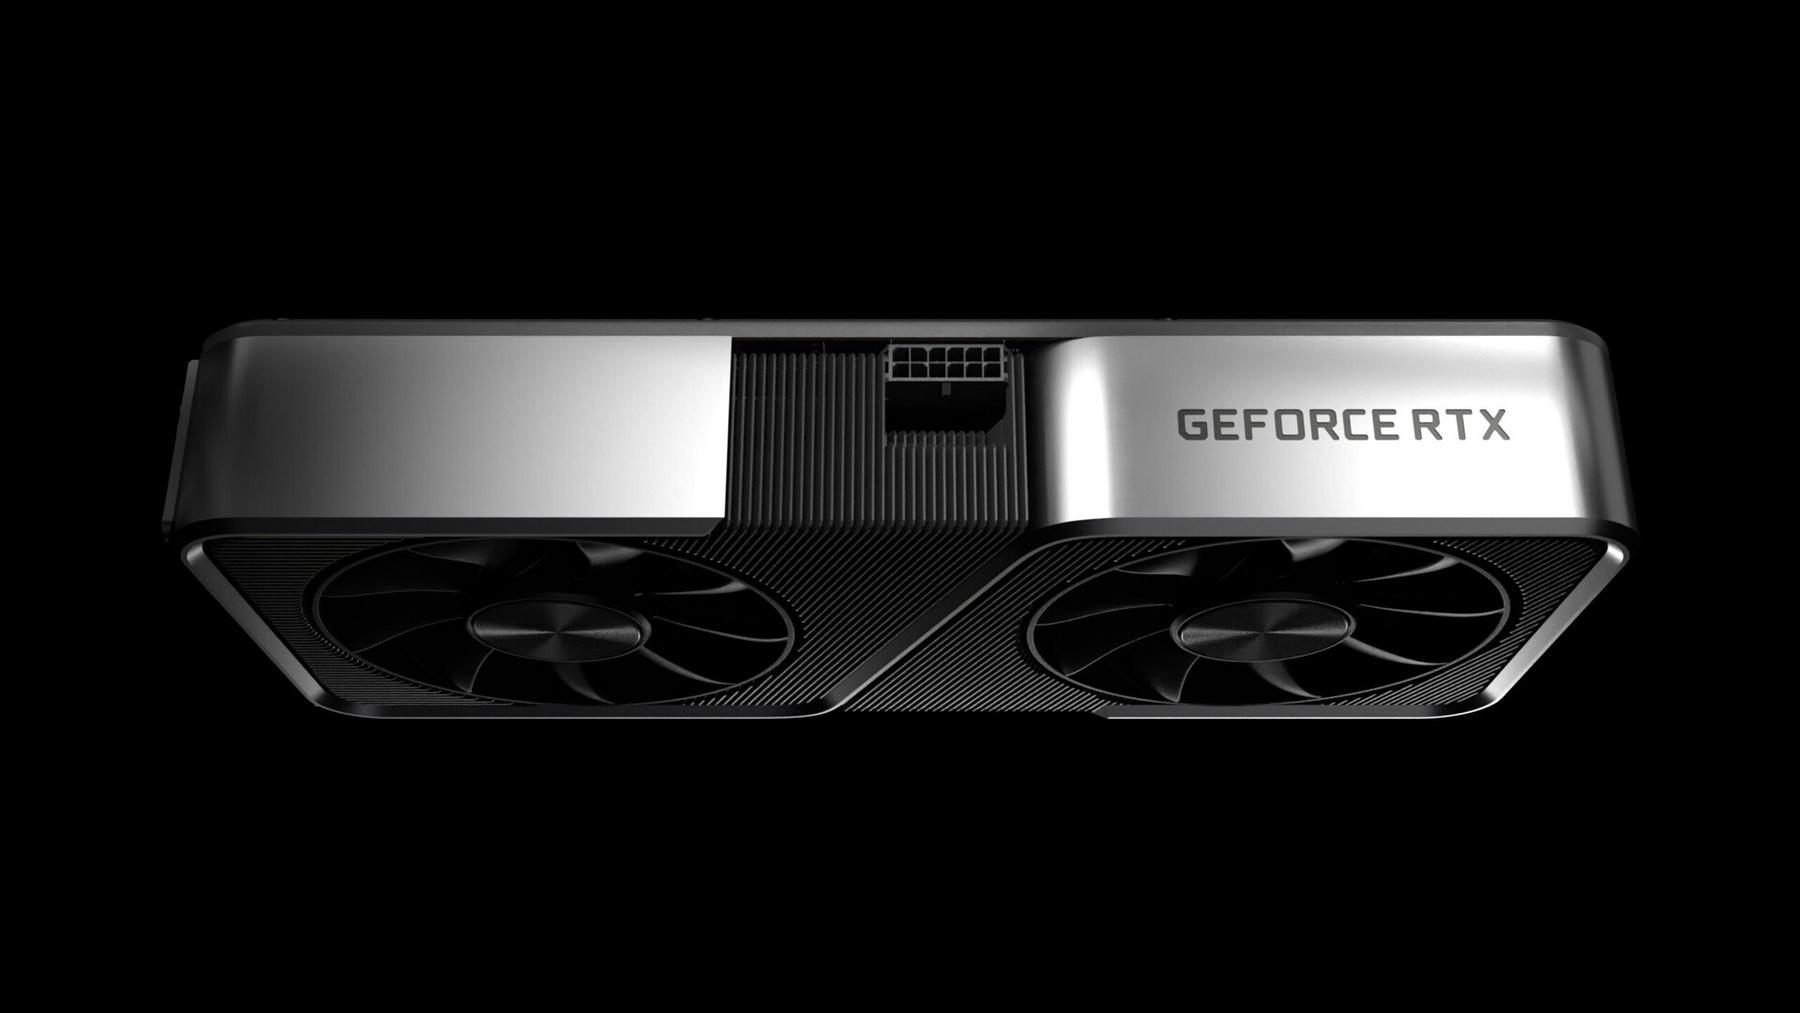 Инсайдер раскрыл параметры десктопных видеокарт GeForce RTX 3050 и RTX 3050 Ti